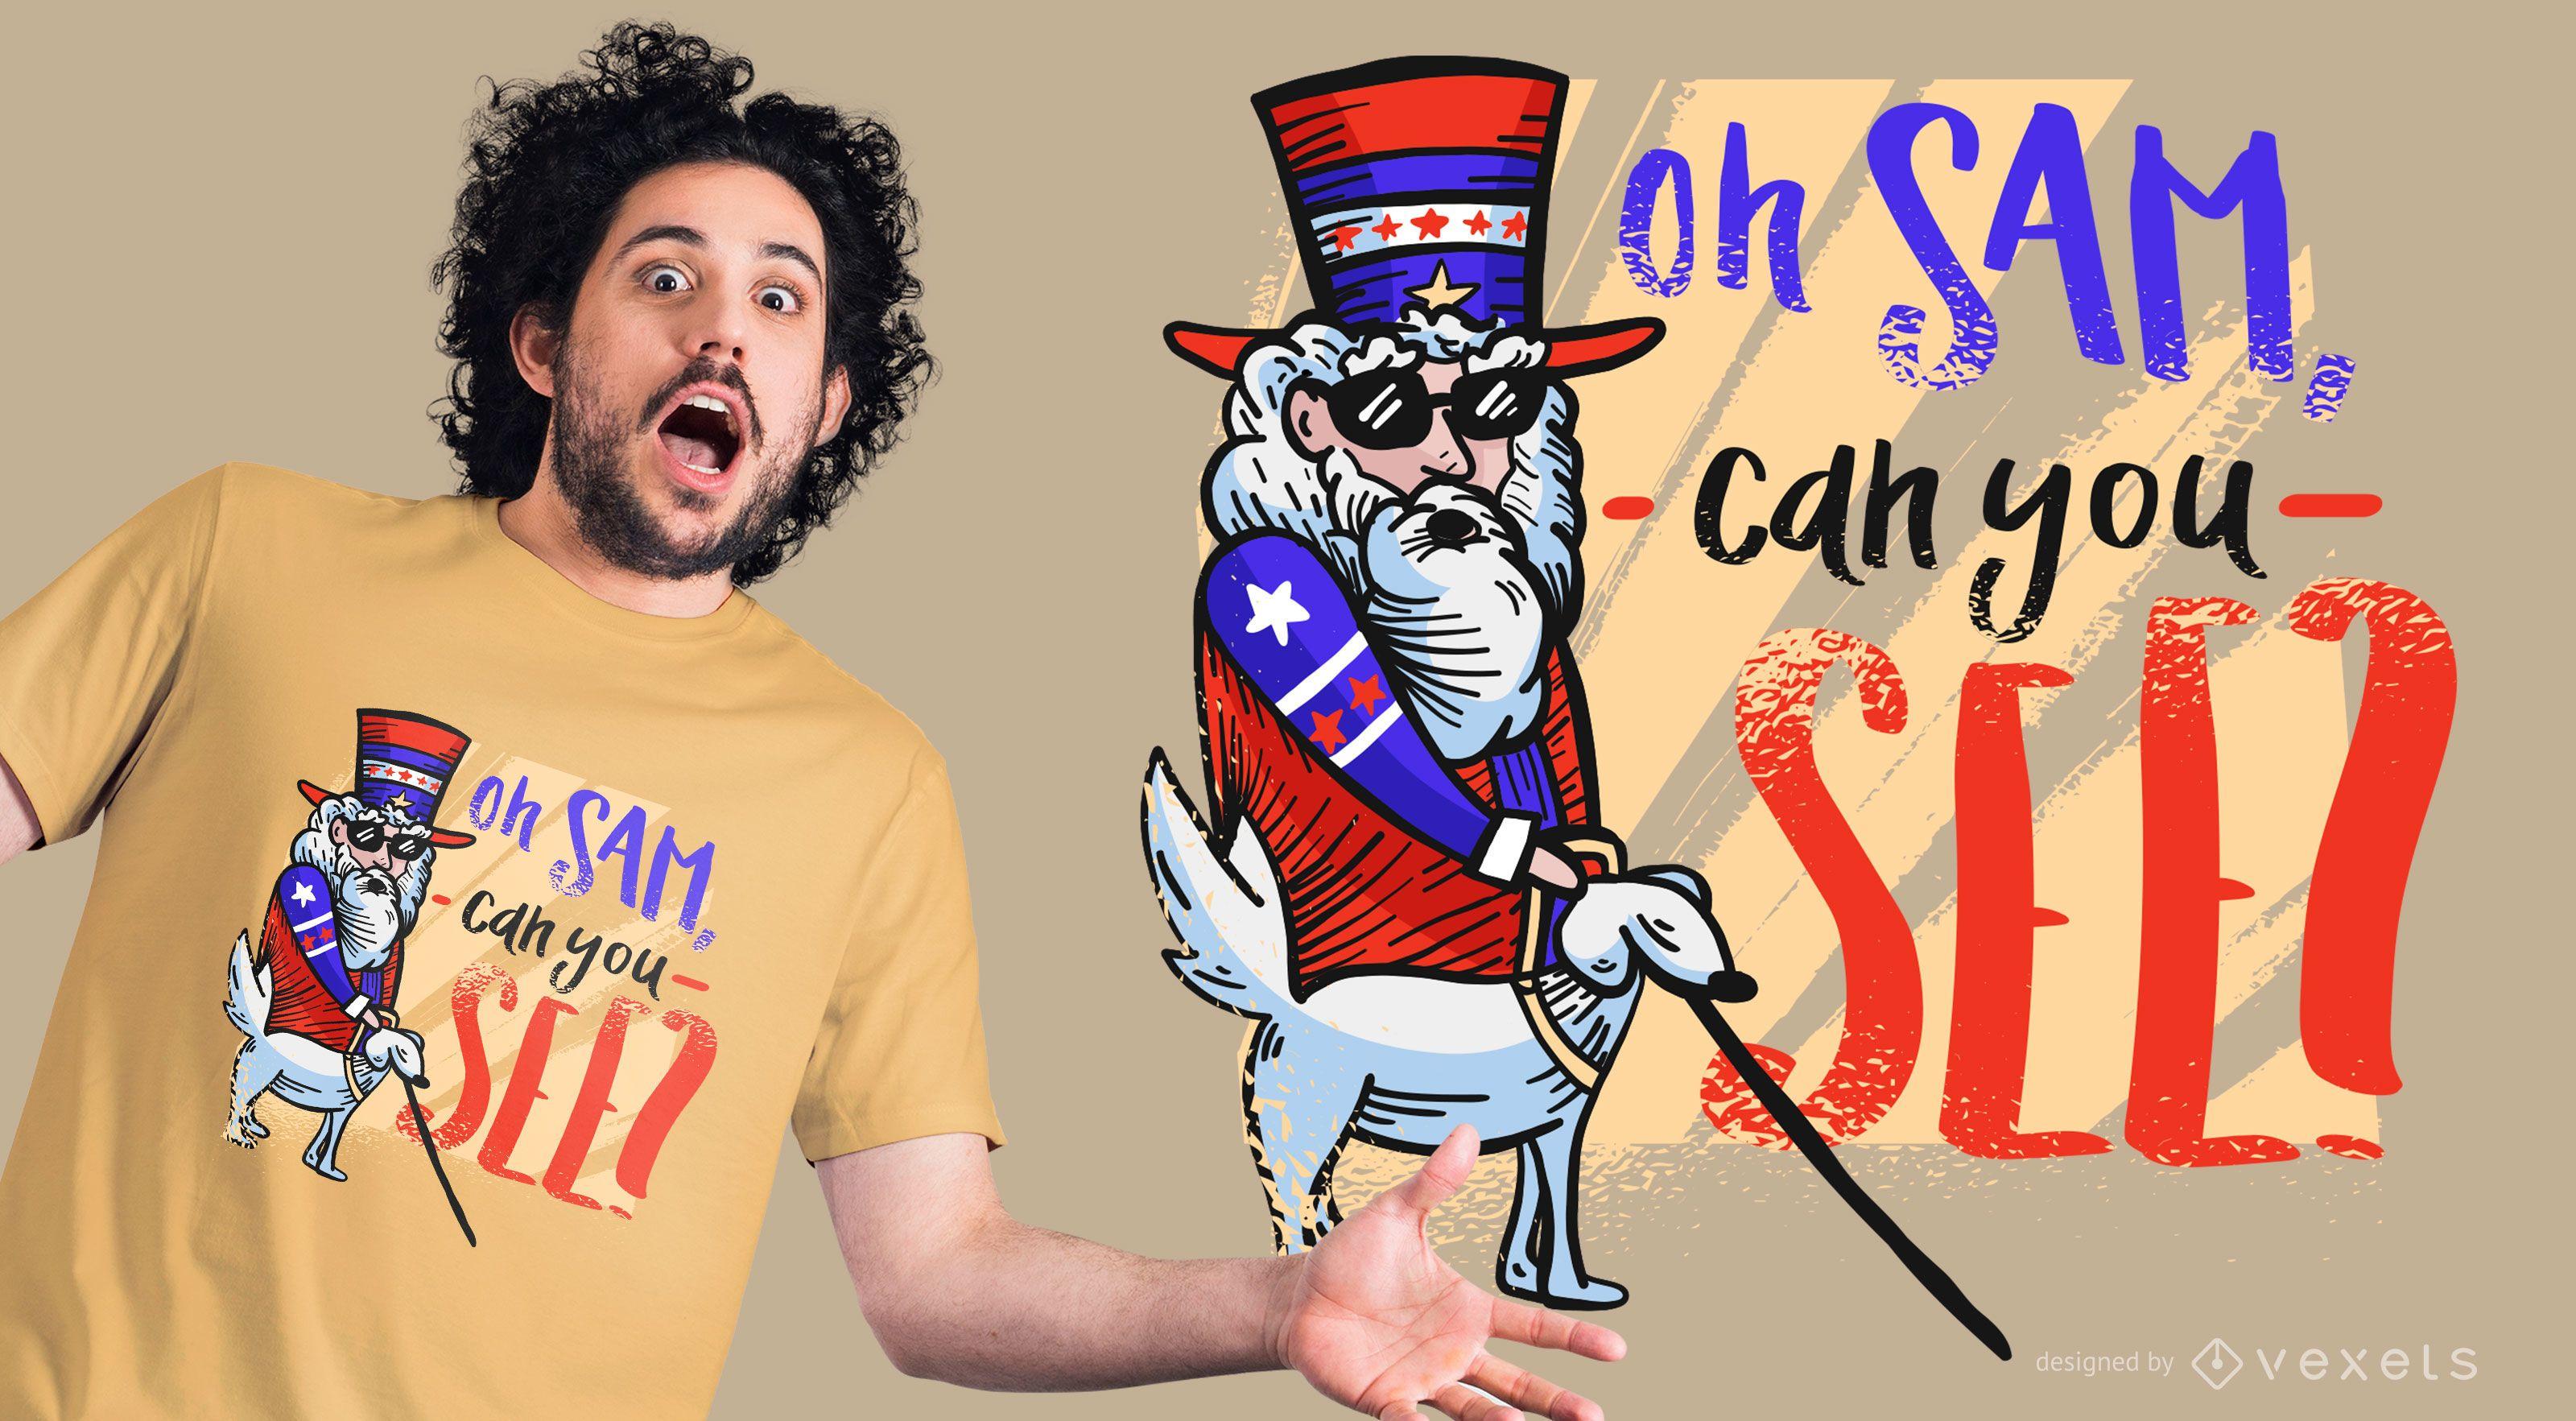 Diseño divertido de la camiseta del tío Sam